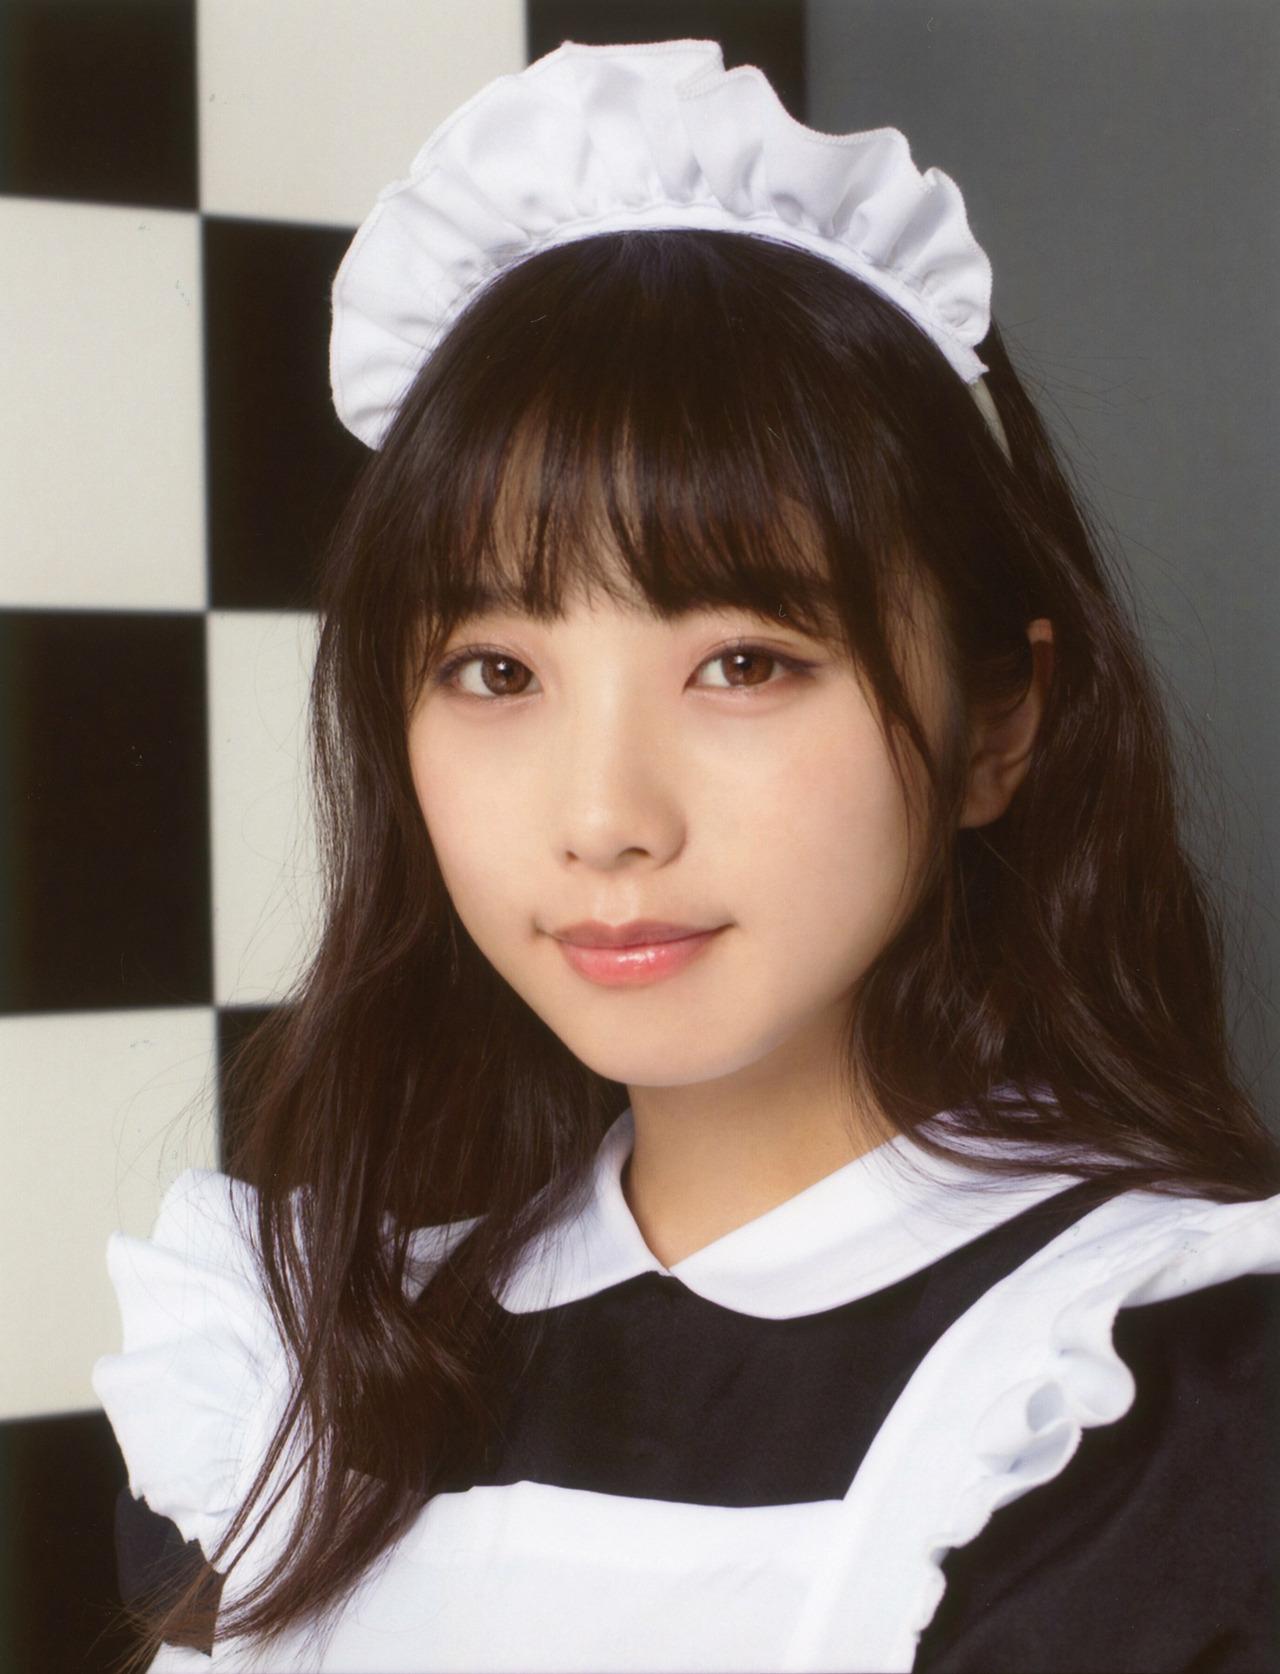 00年生日本小姐姐「与田祐希」女仆装 美呆了 第5张